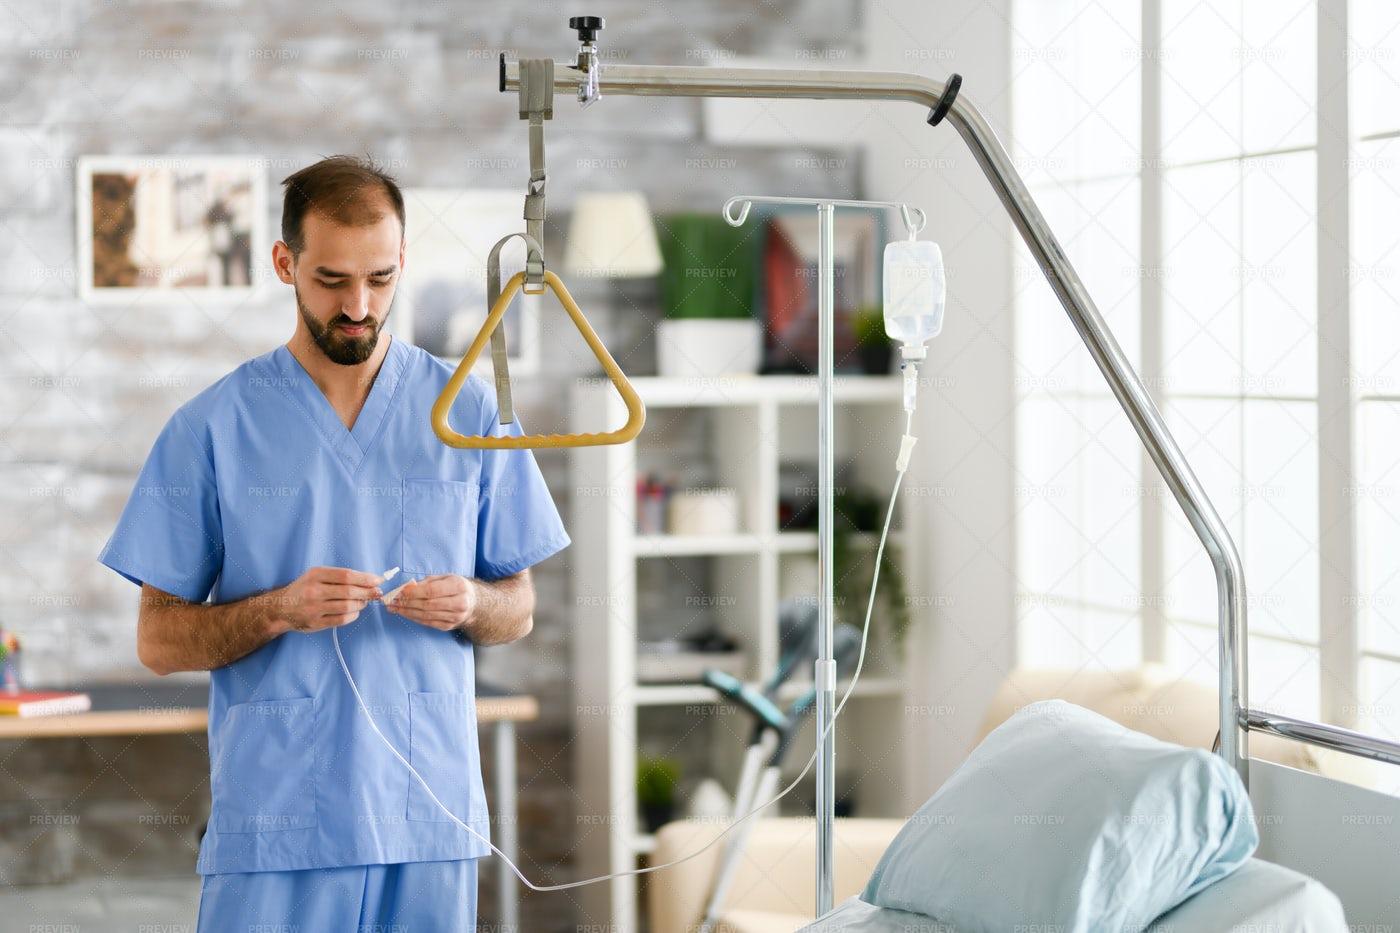 Doctor In Nursing Home: Stock Photos